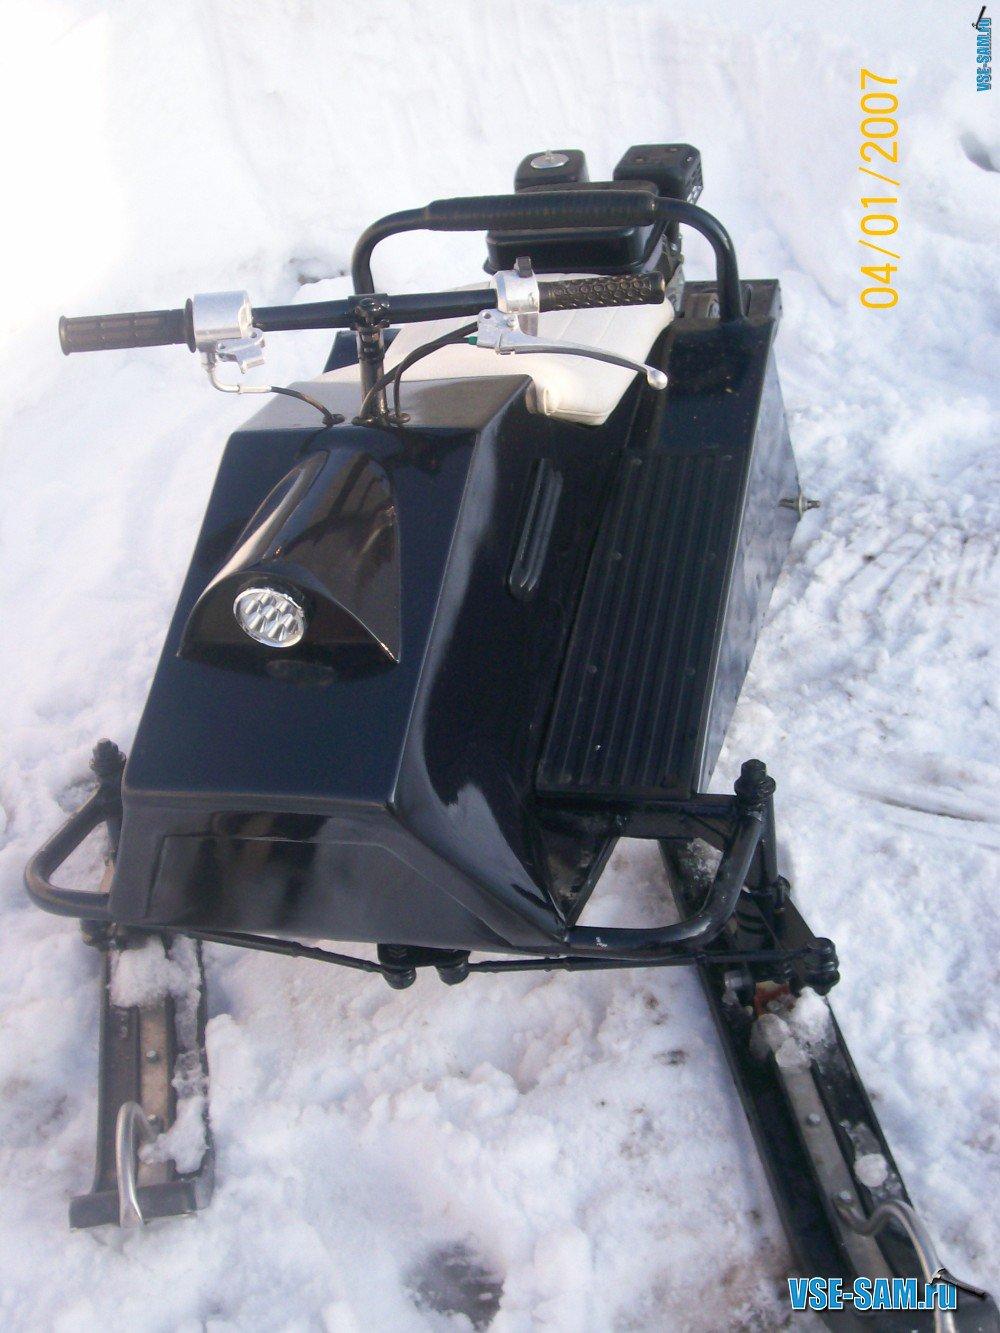 Гусеничный снегохФото как сделать поделку к новому